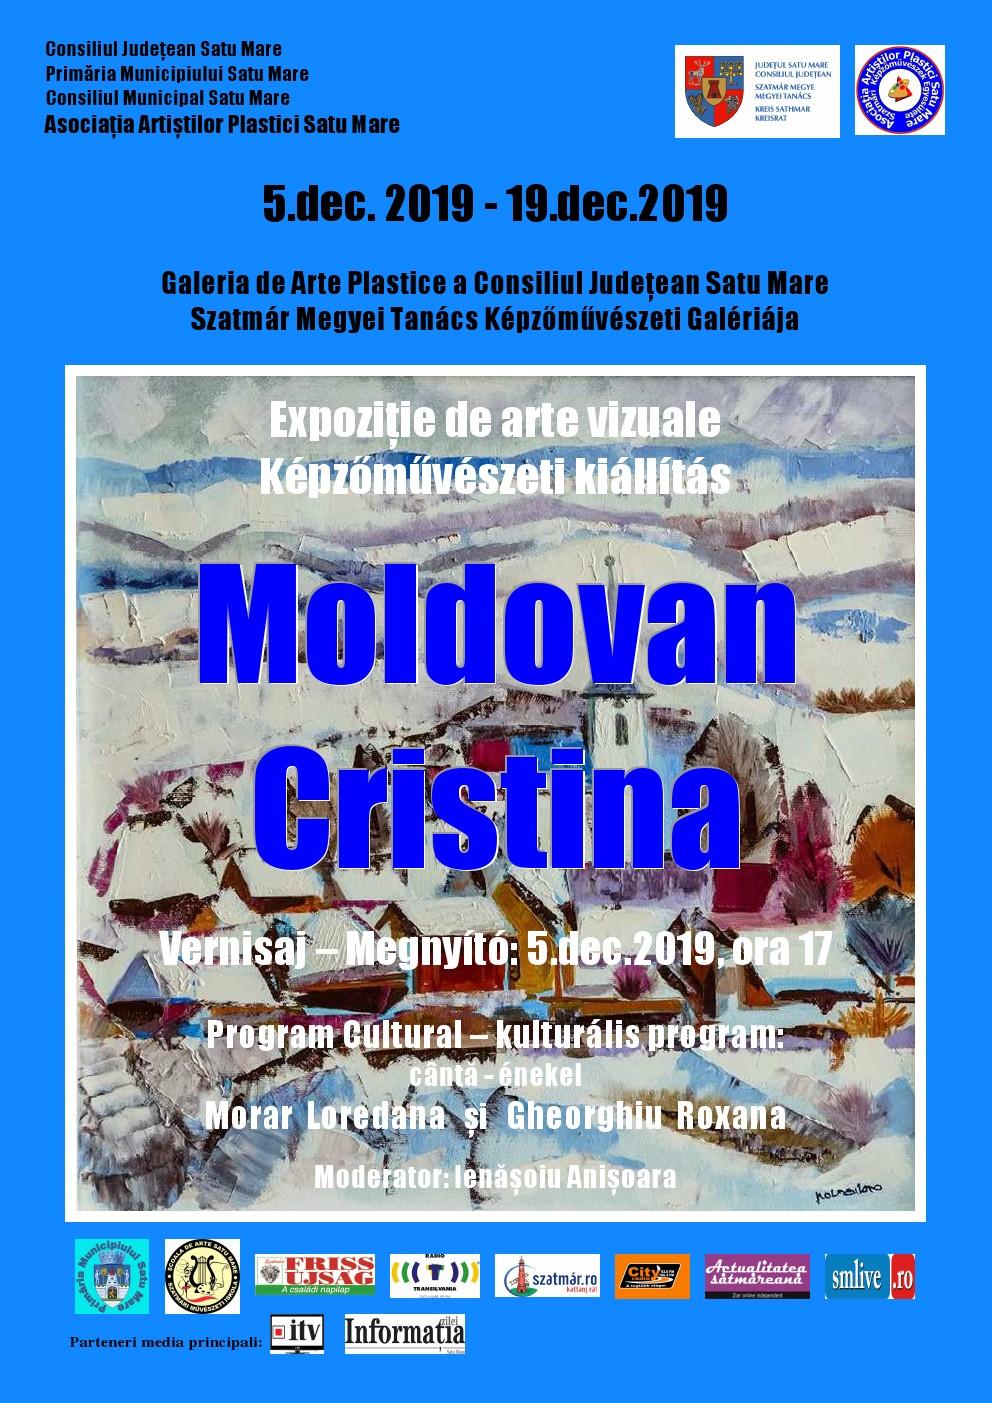 Expoziției de arte vizuale a artistei Moldovan Cristina, membrul Asociației Artiștilor Plastici Satu Mare